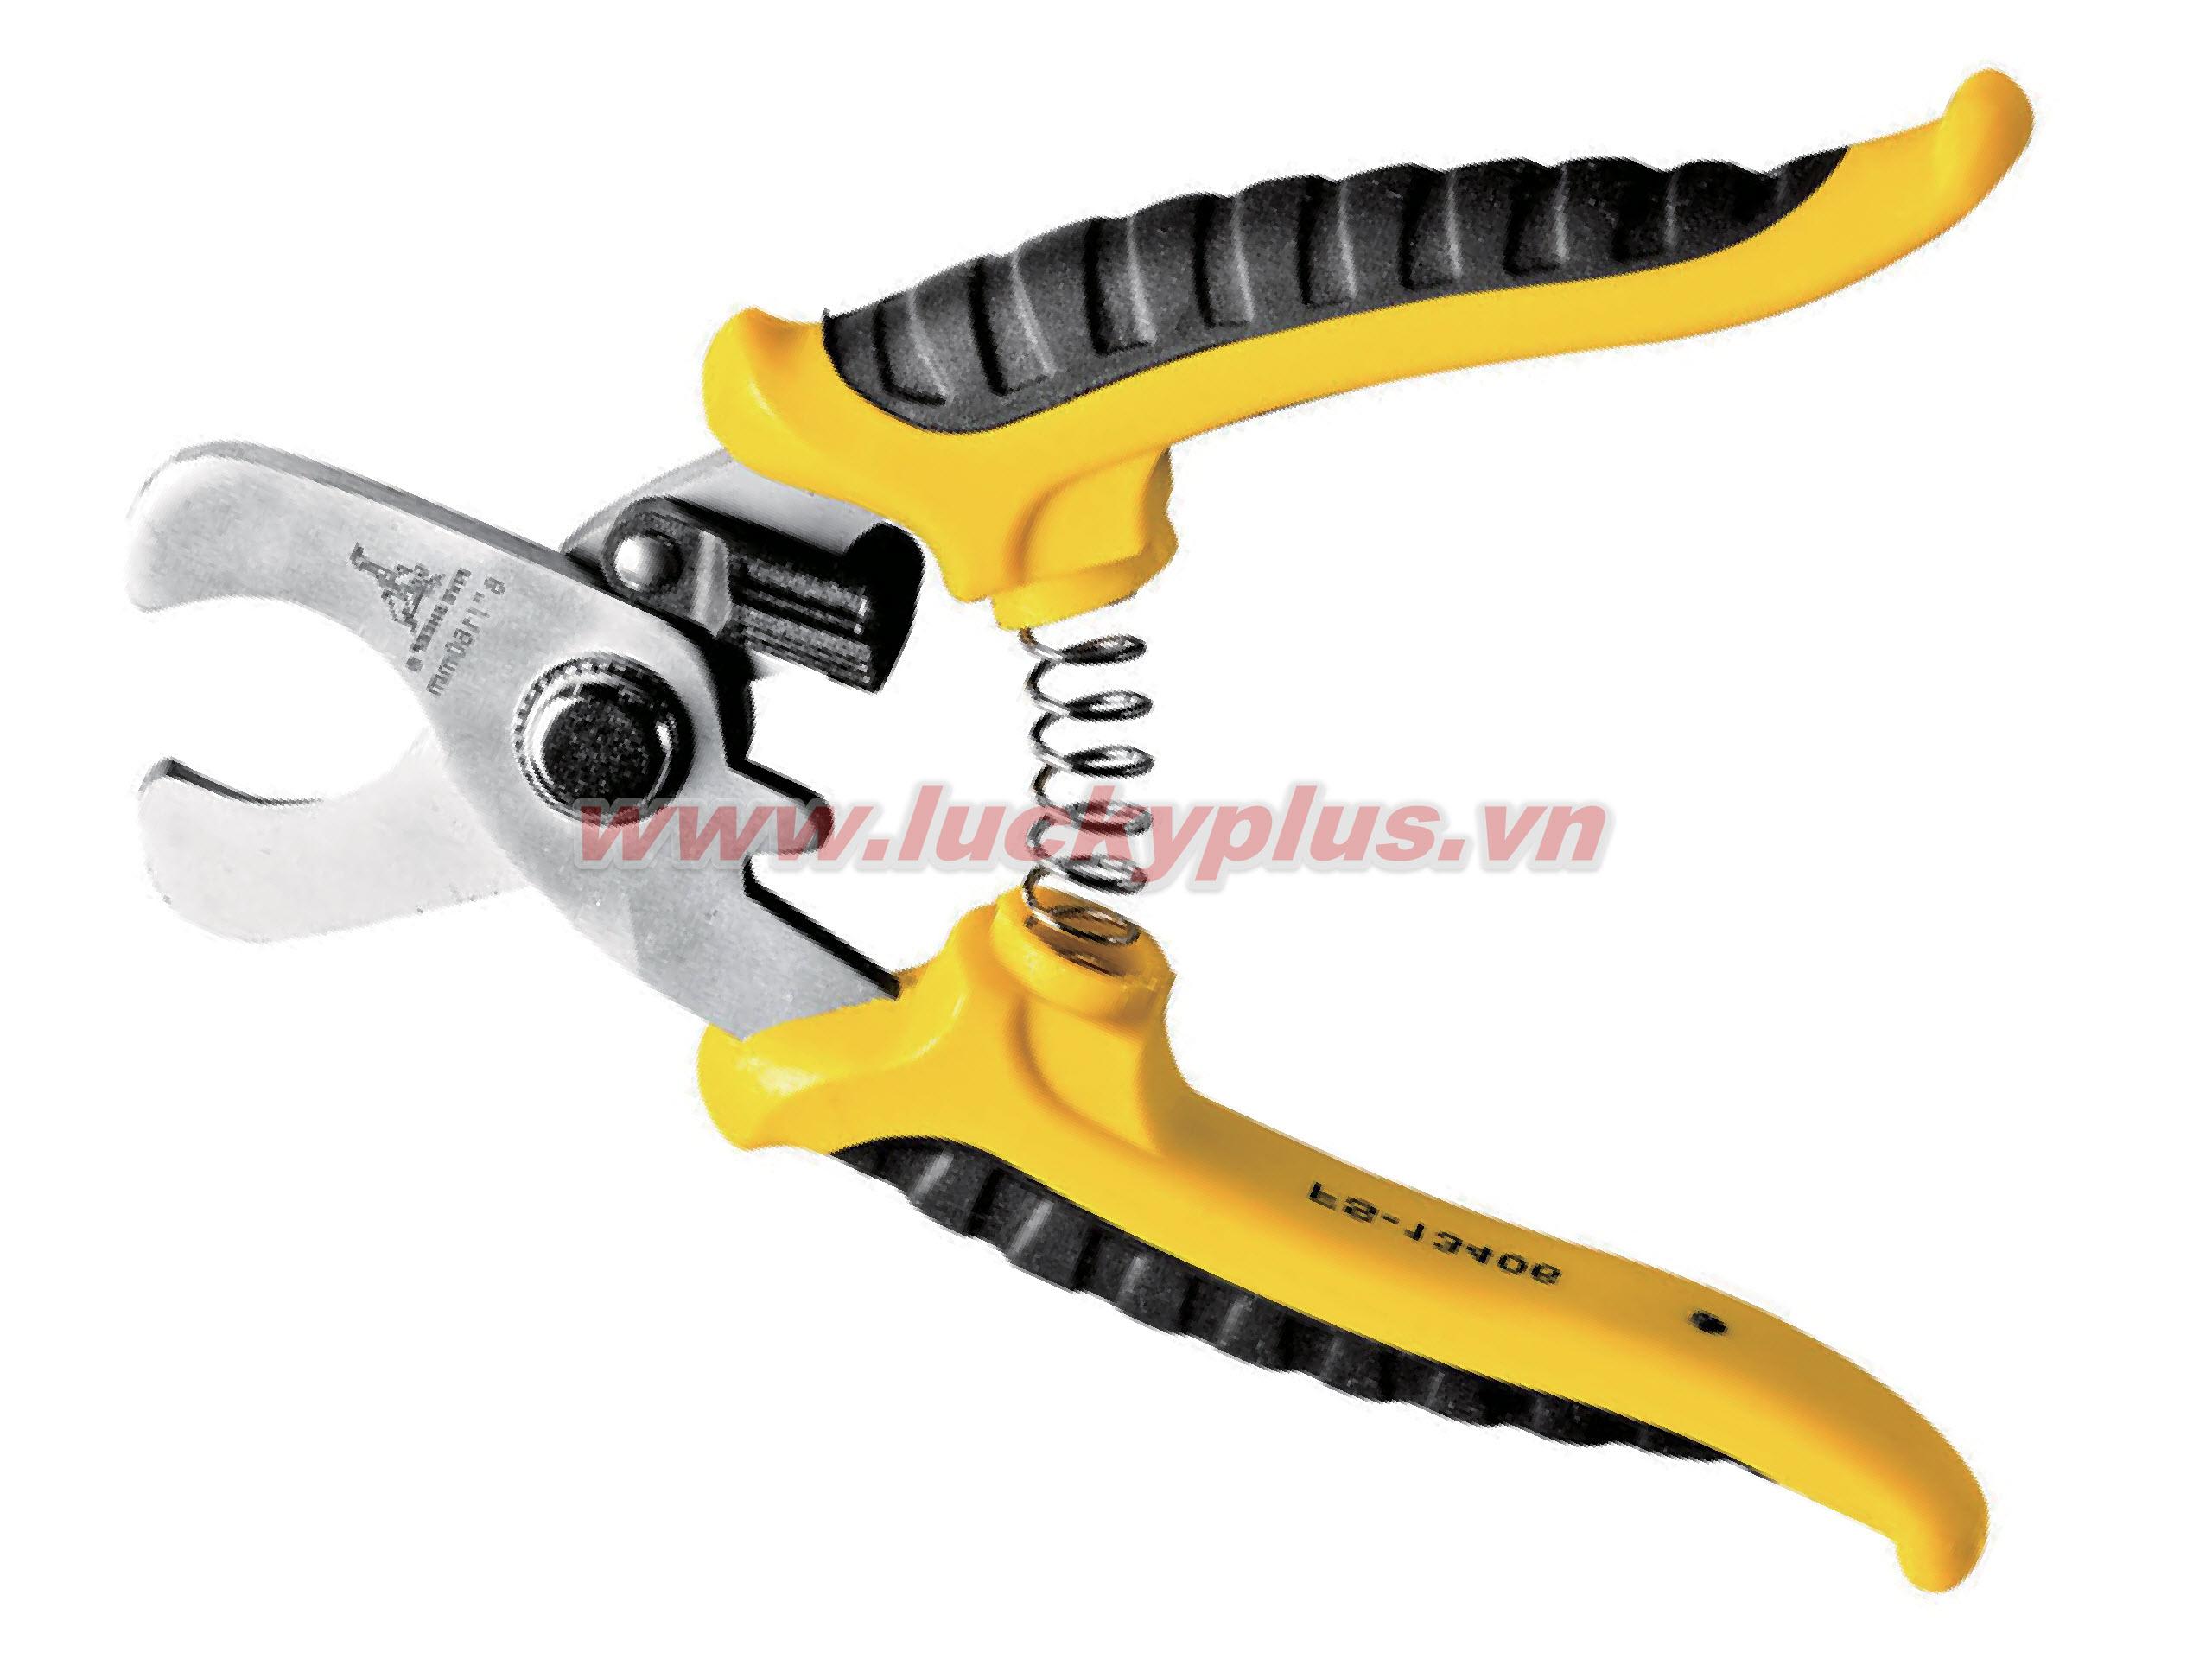 Kéo cắt lưỡi thép không gỉ FiveSheep FS-13406 6''/160mm